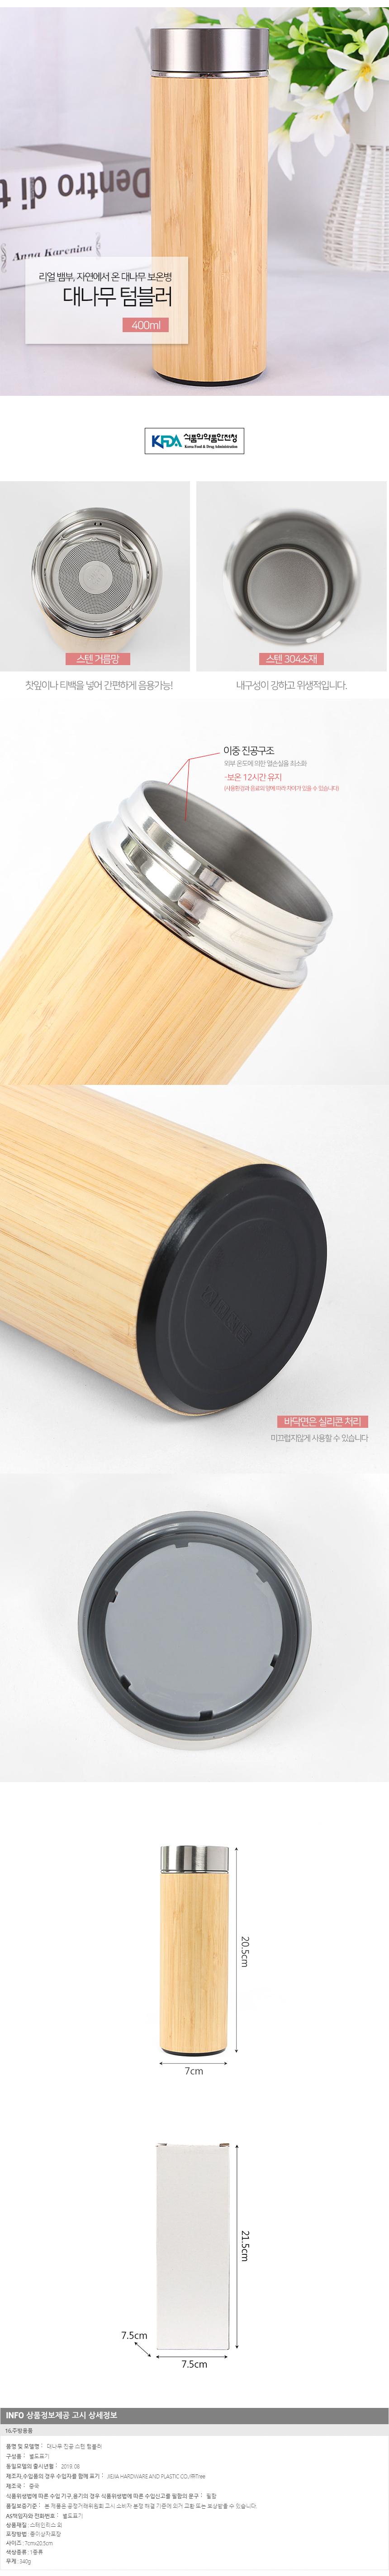 진공 대나무 보냉보온병 / 400ml 스텐 휴대 텀블러 - 기프트갓, 30,700원, 보틀/텀블러, 보온보냉병